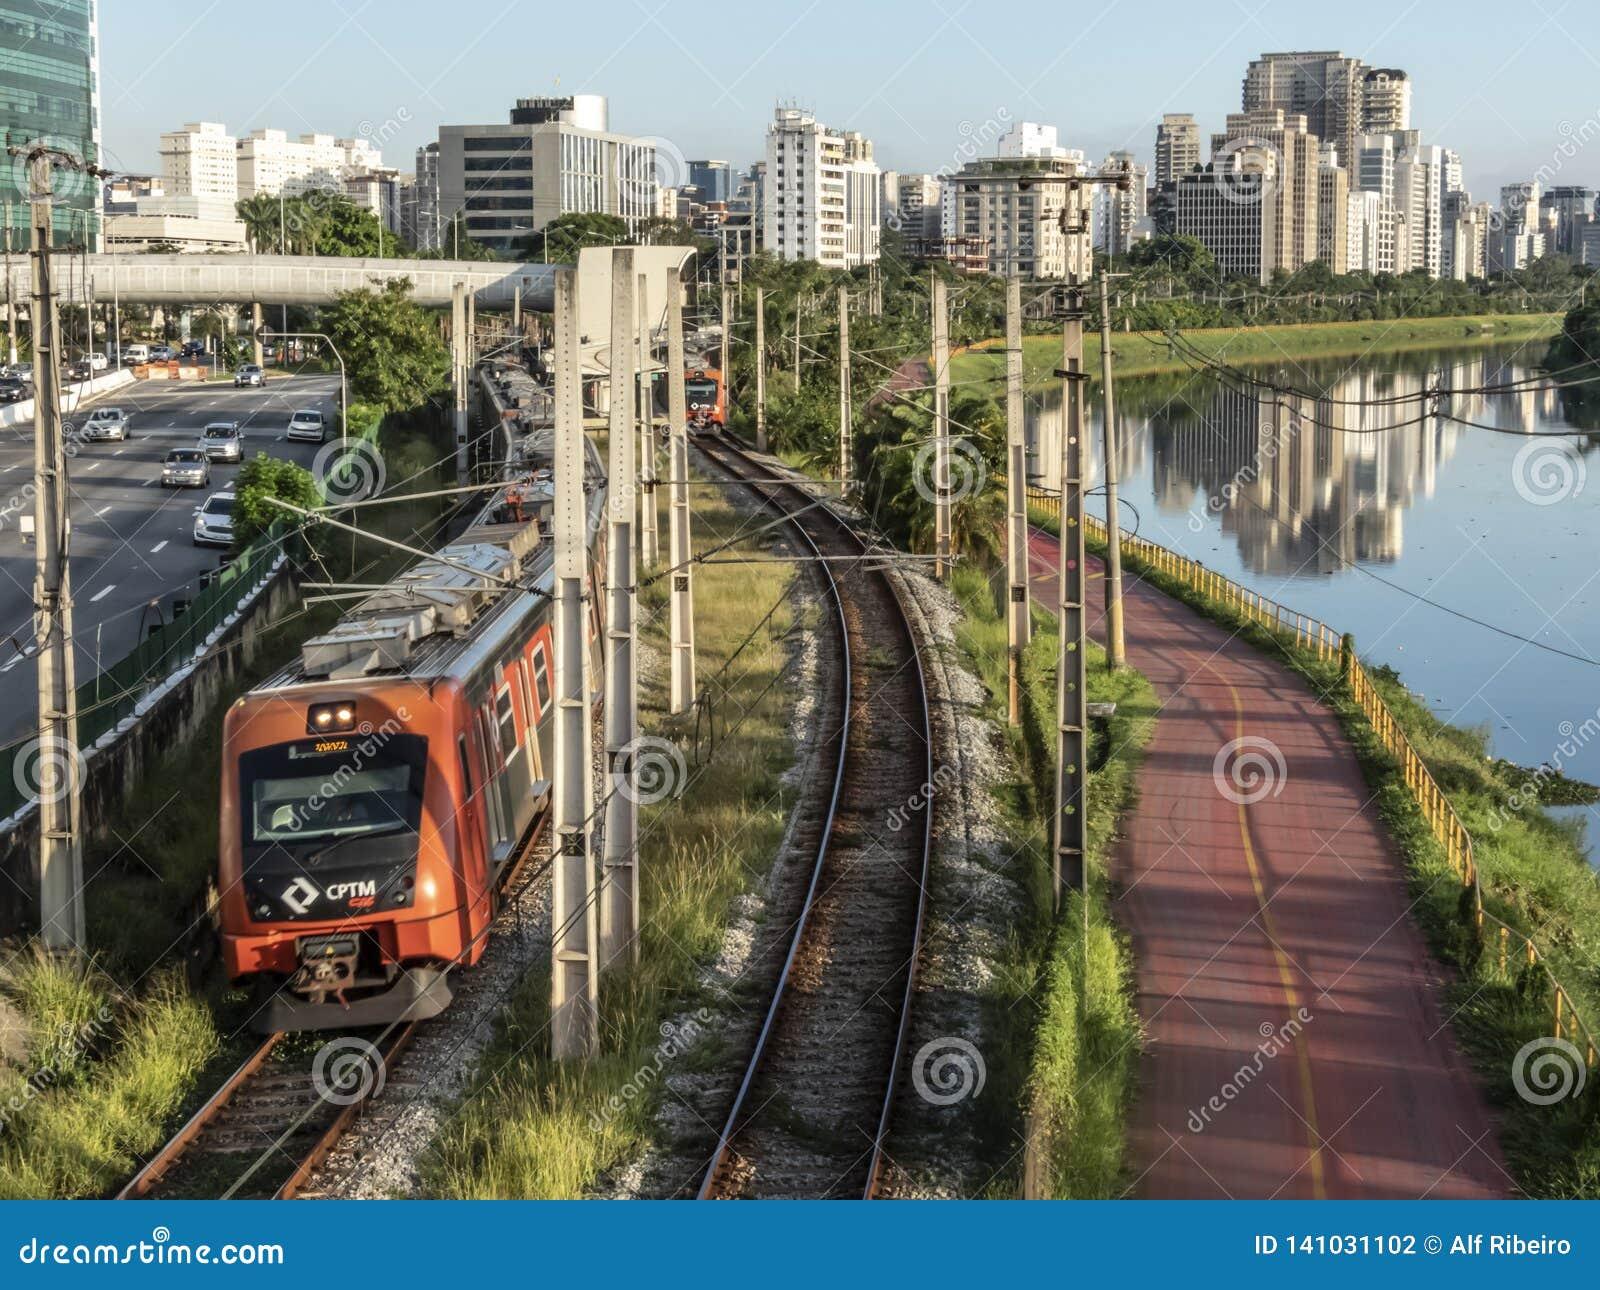 Widok budynki, CPTM pociąg, ruch drogowy pojazdy i rzeka w Brzeżnej Pinheiros rzeki alei,